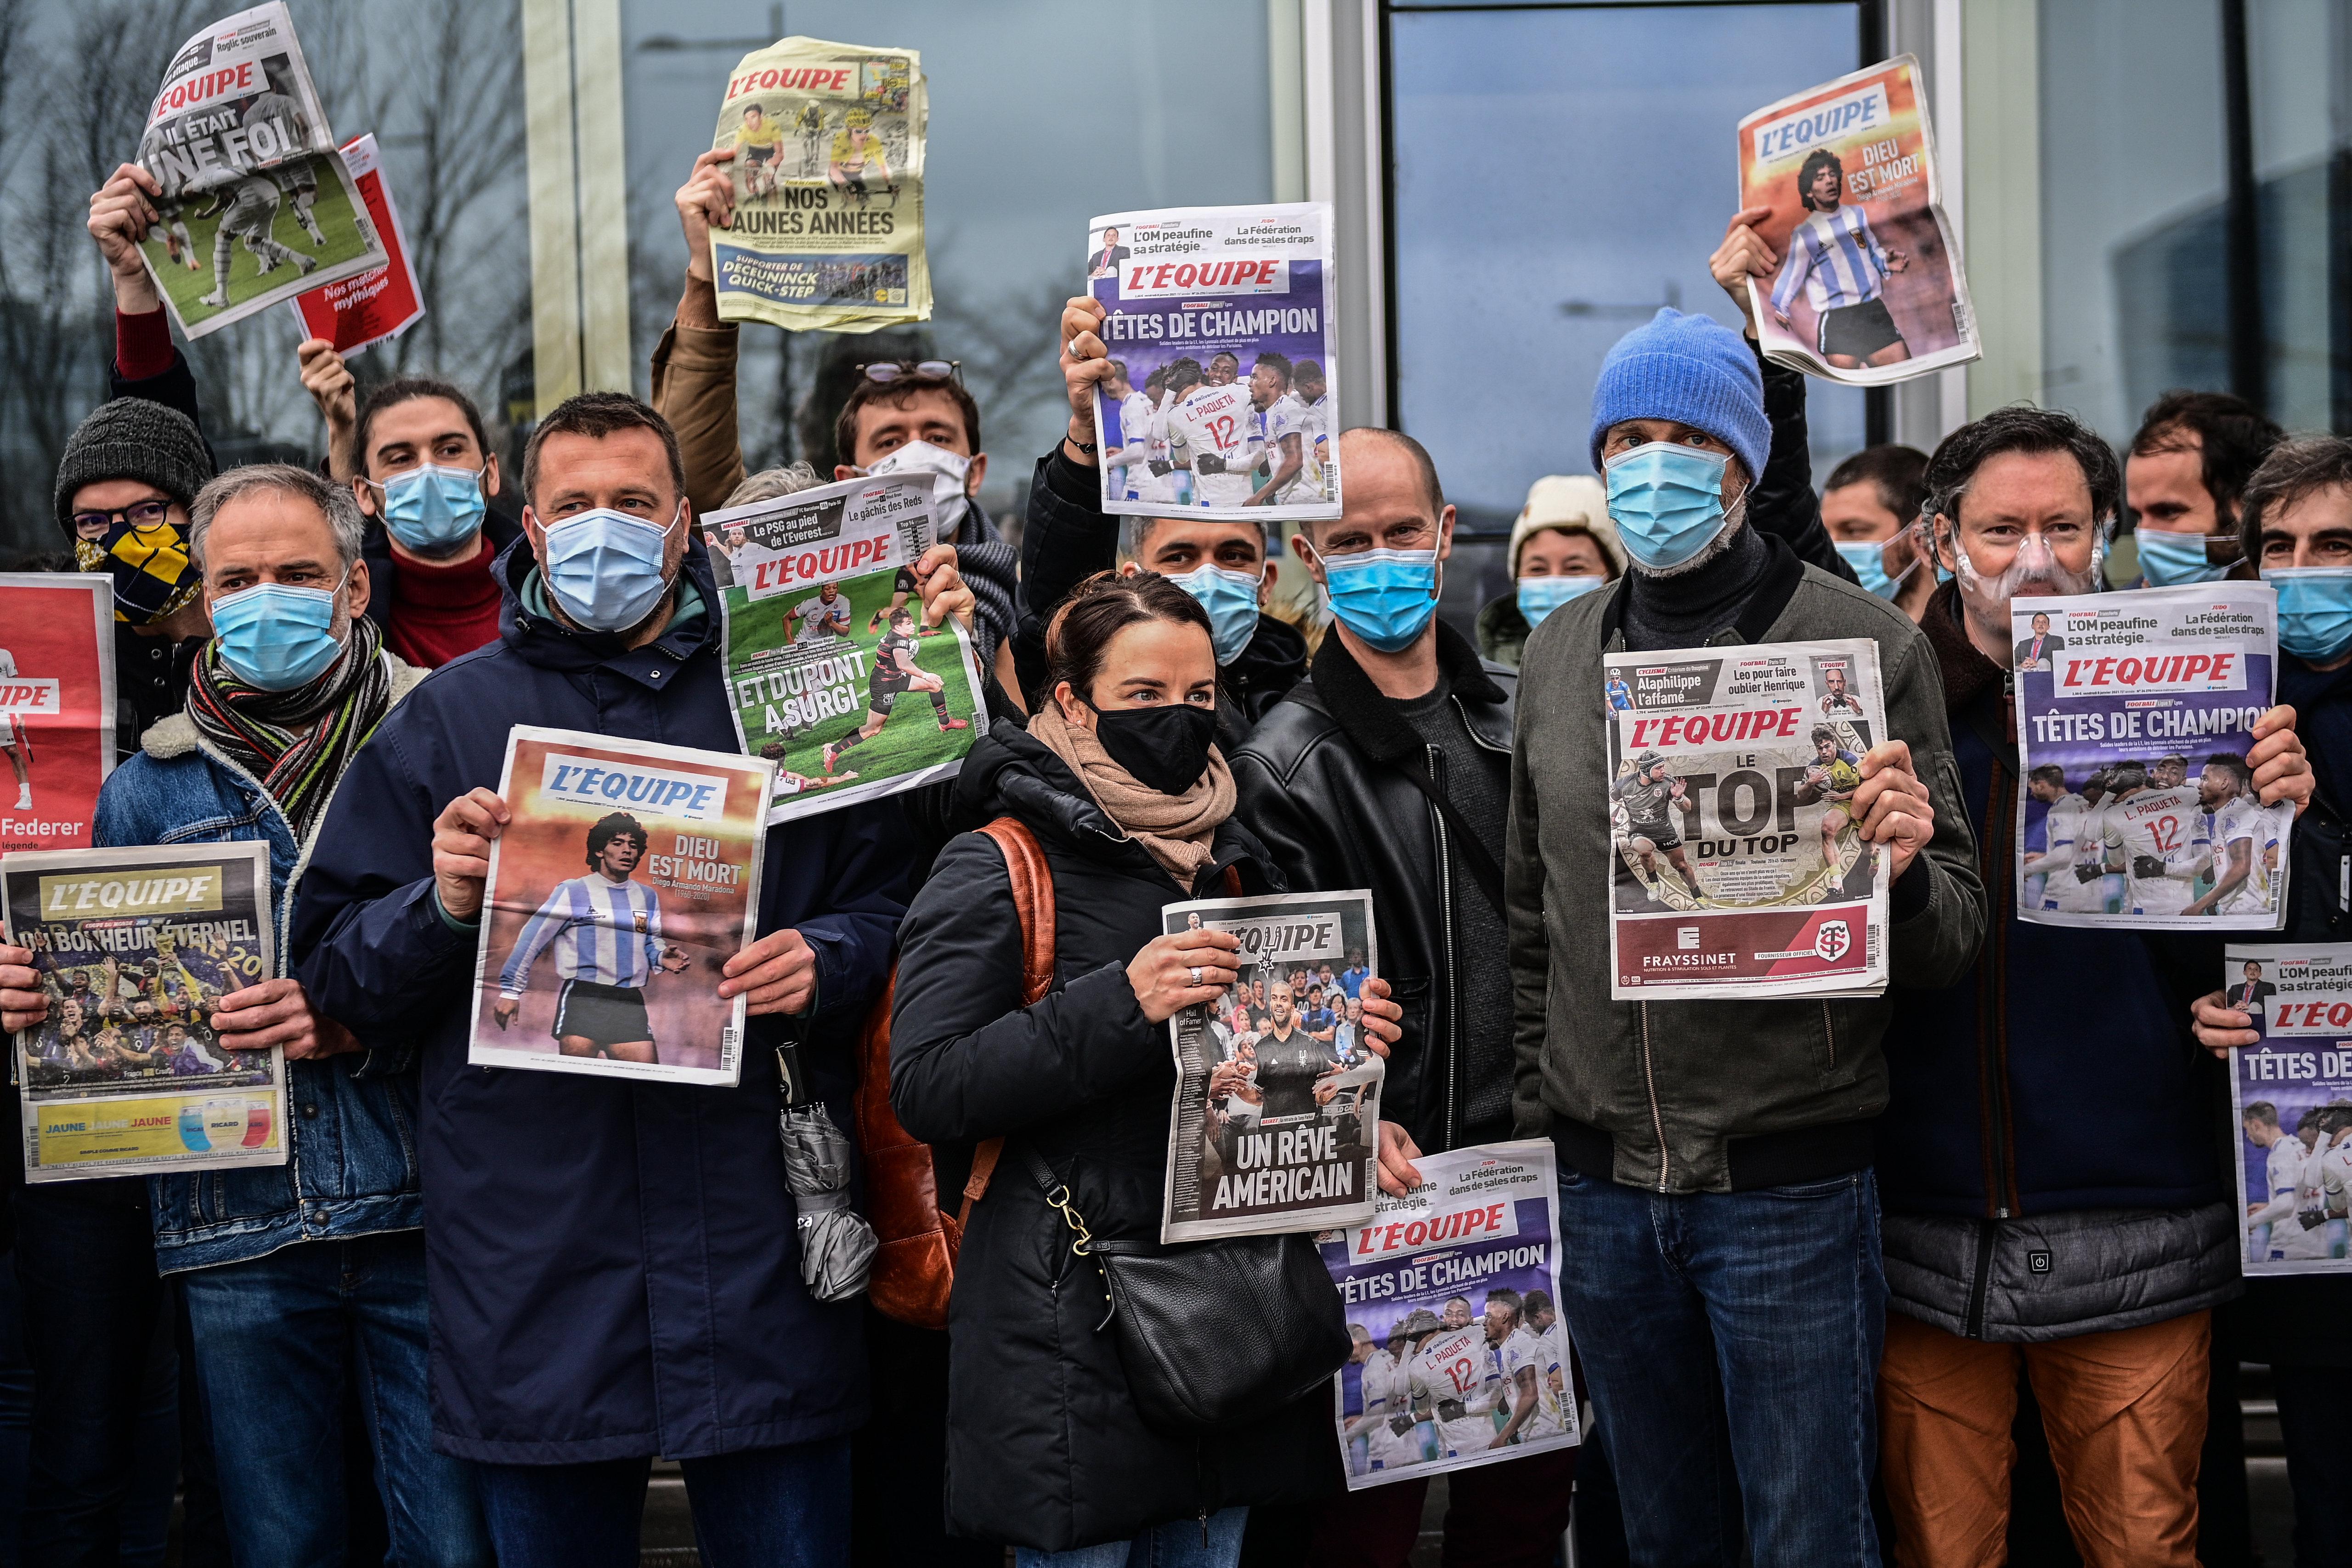 FRANCE-MEDIA-L'EQUIPE-STRIKE